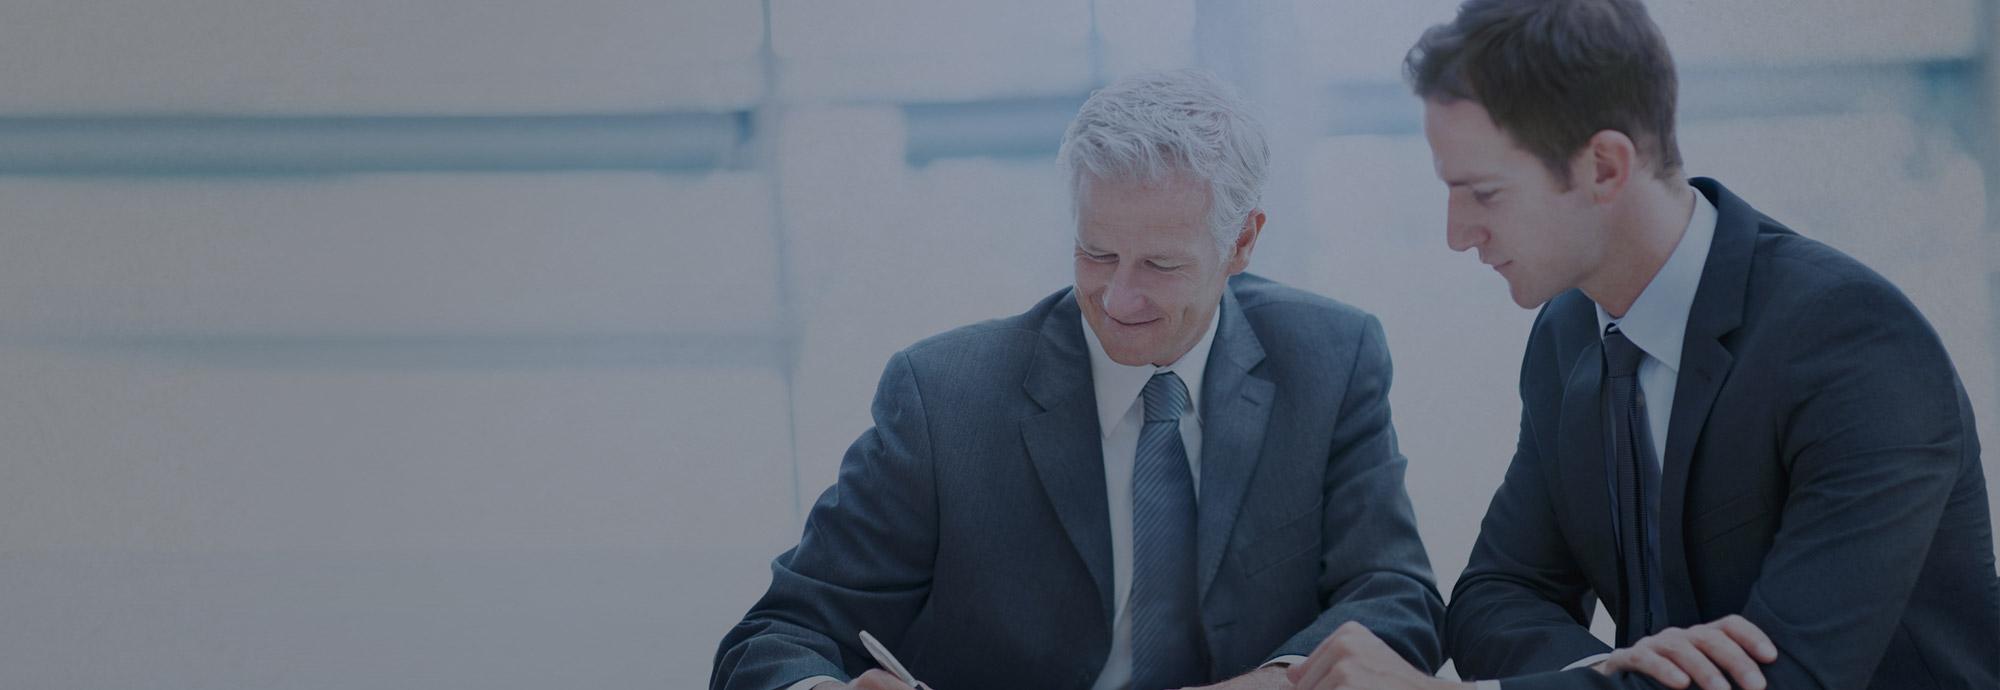 Programmi assicurativi specifici per enti pubblici, comuni e ospedali